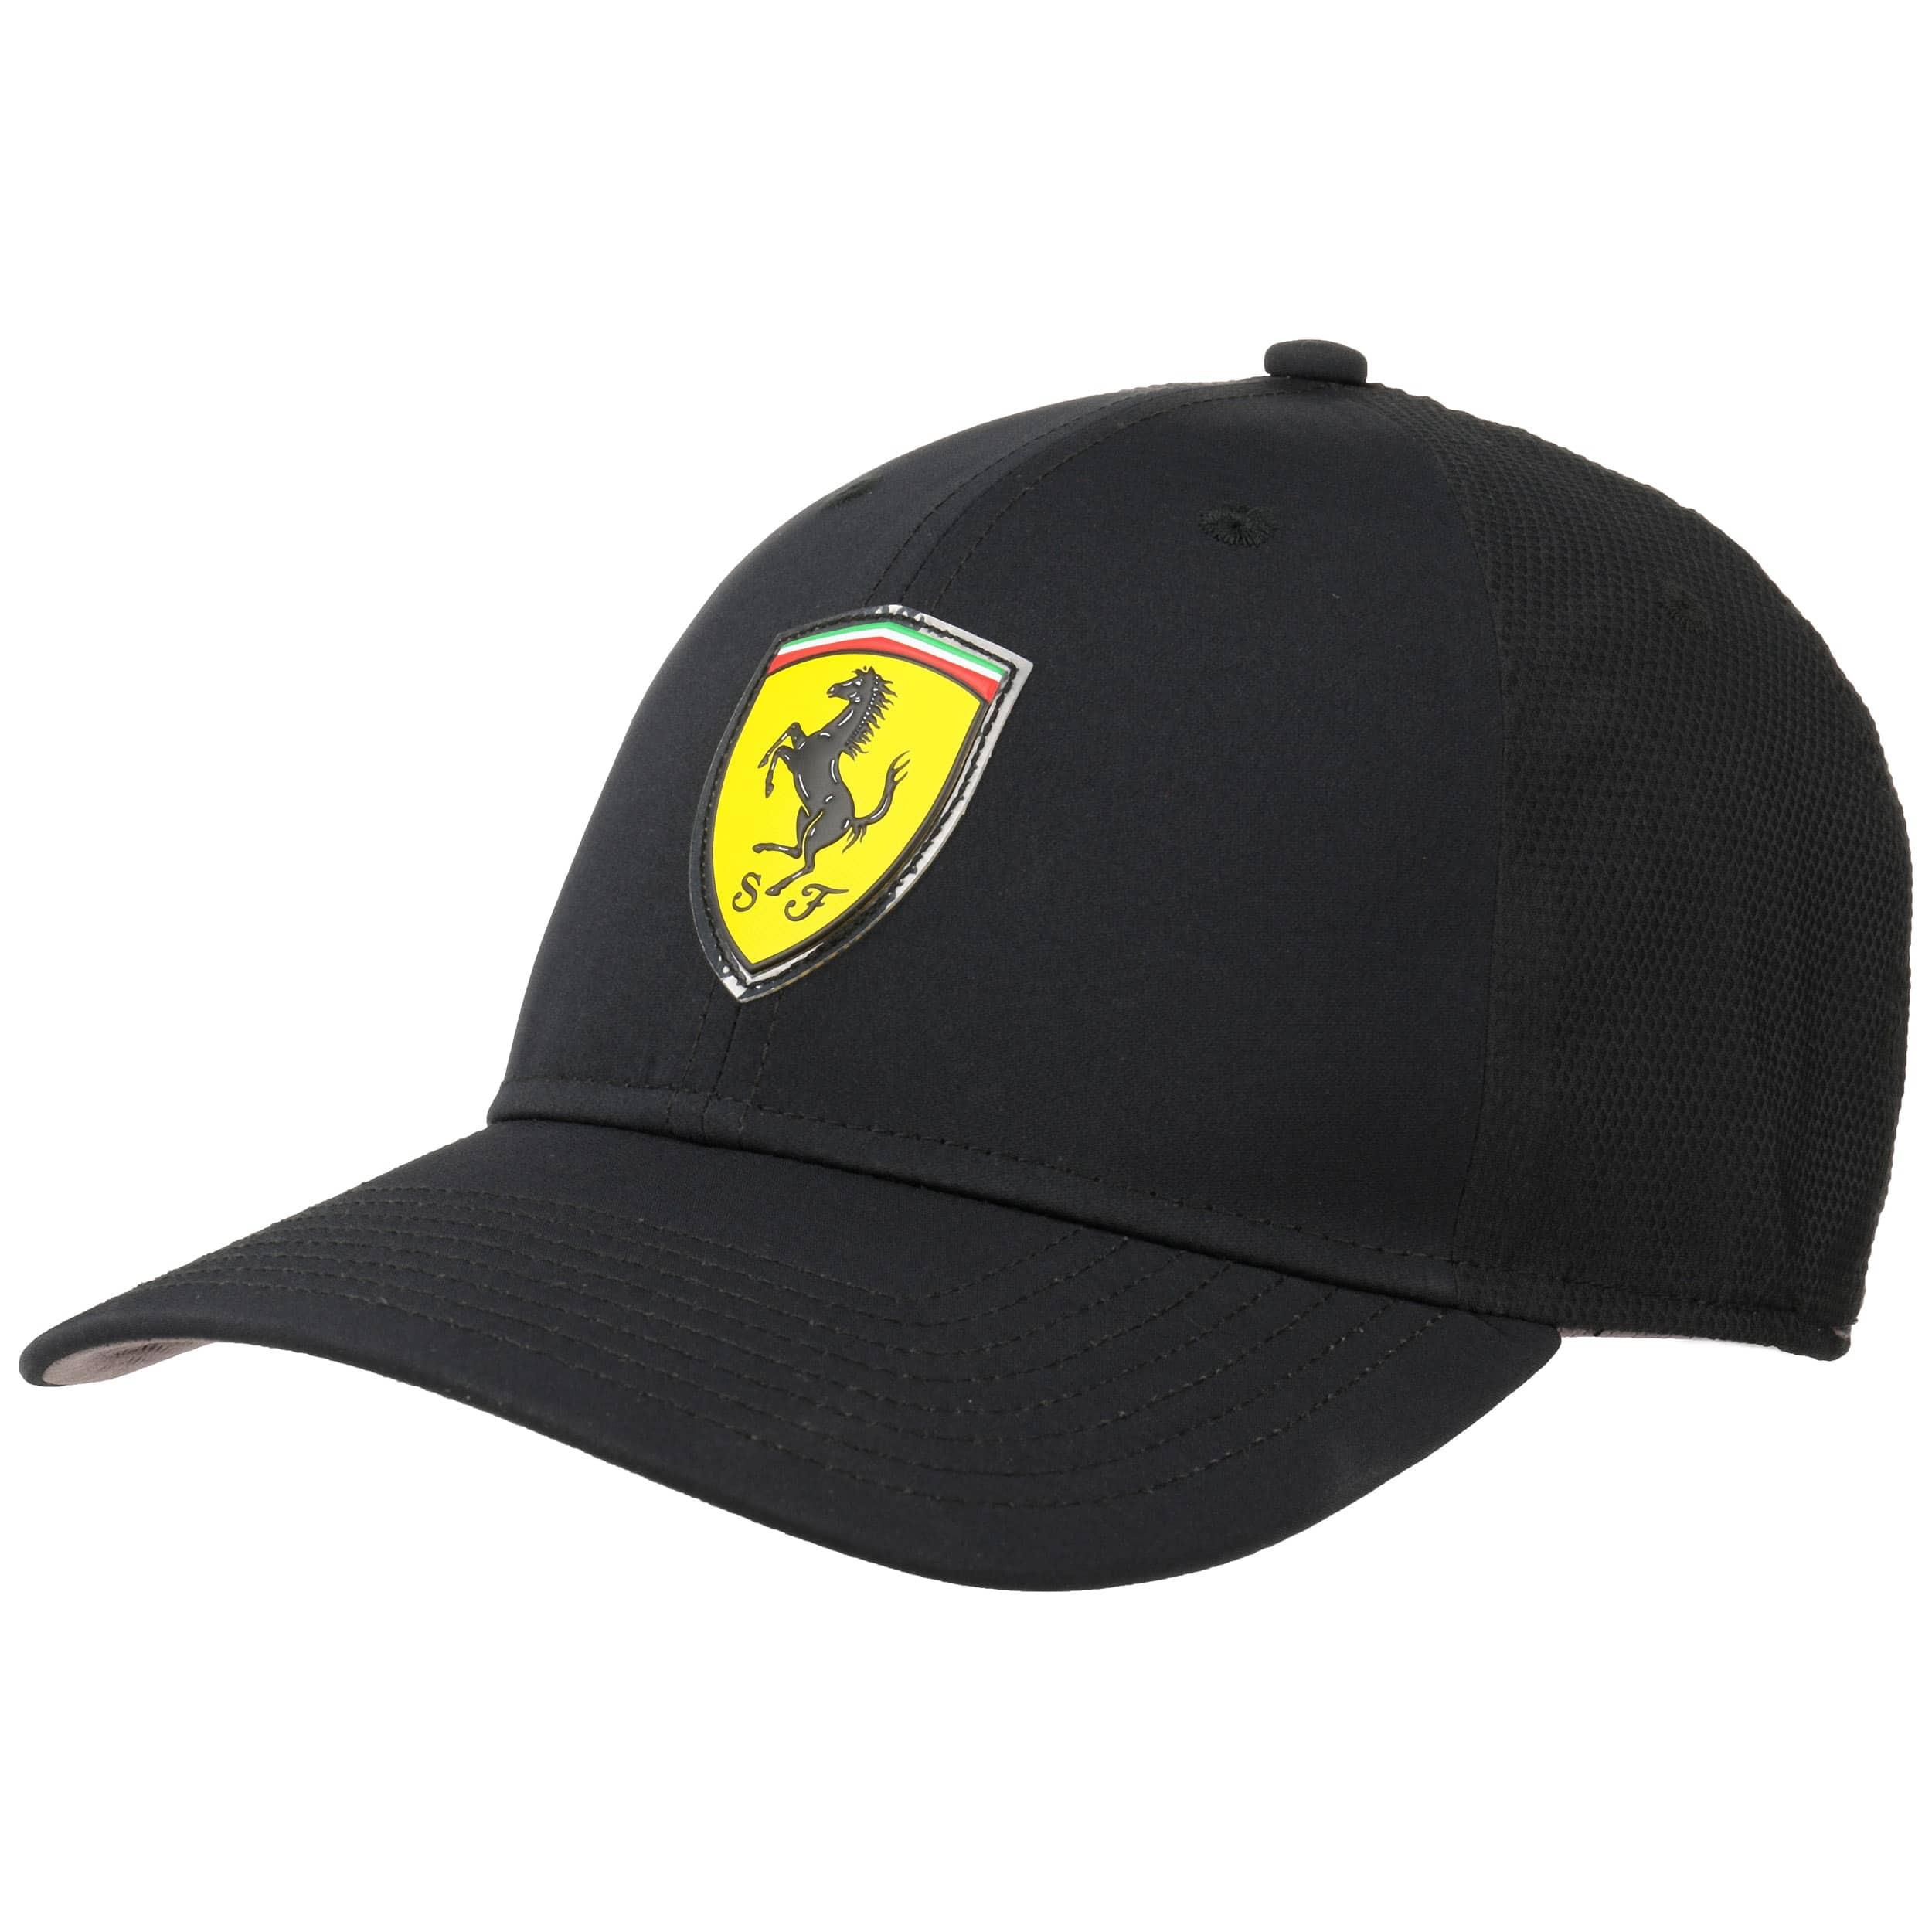 ... Ferrari Fanwear Strapback Cap by PUMA - black 6 1ebbabeaded